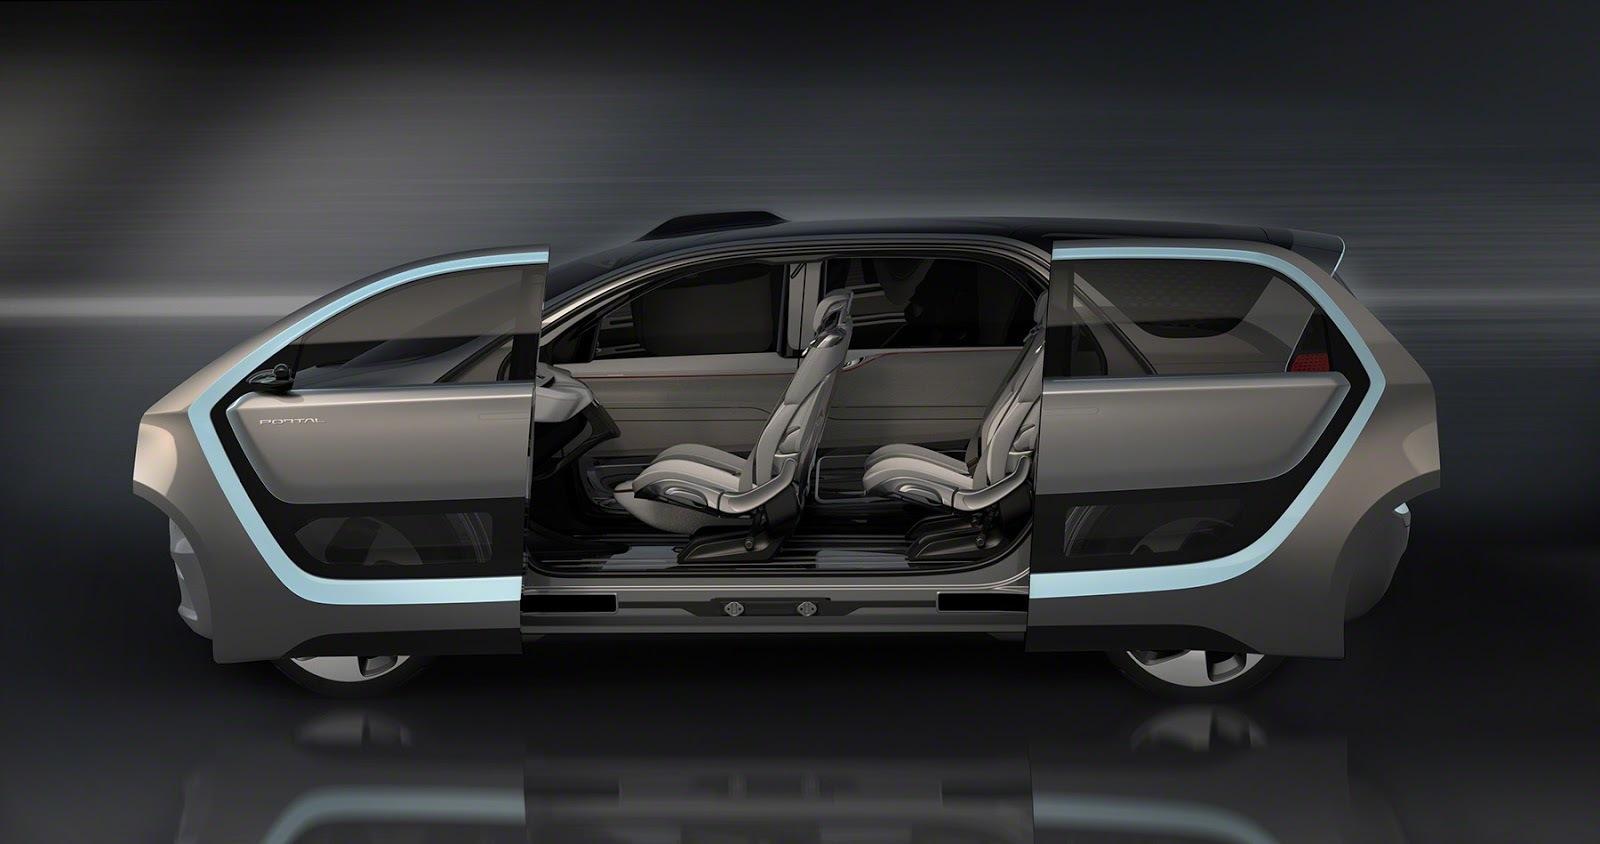 Новый Chrysler будет сам делать селфи 1